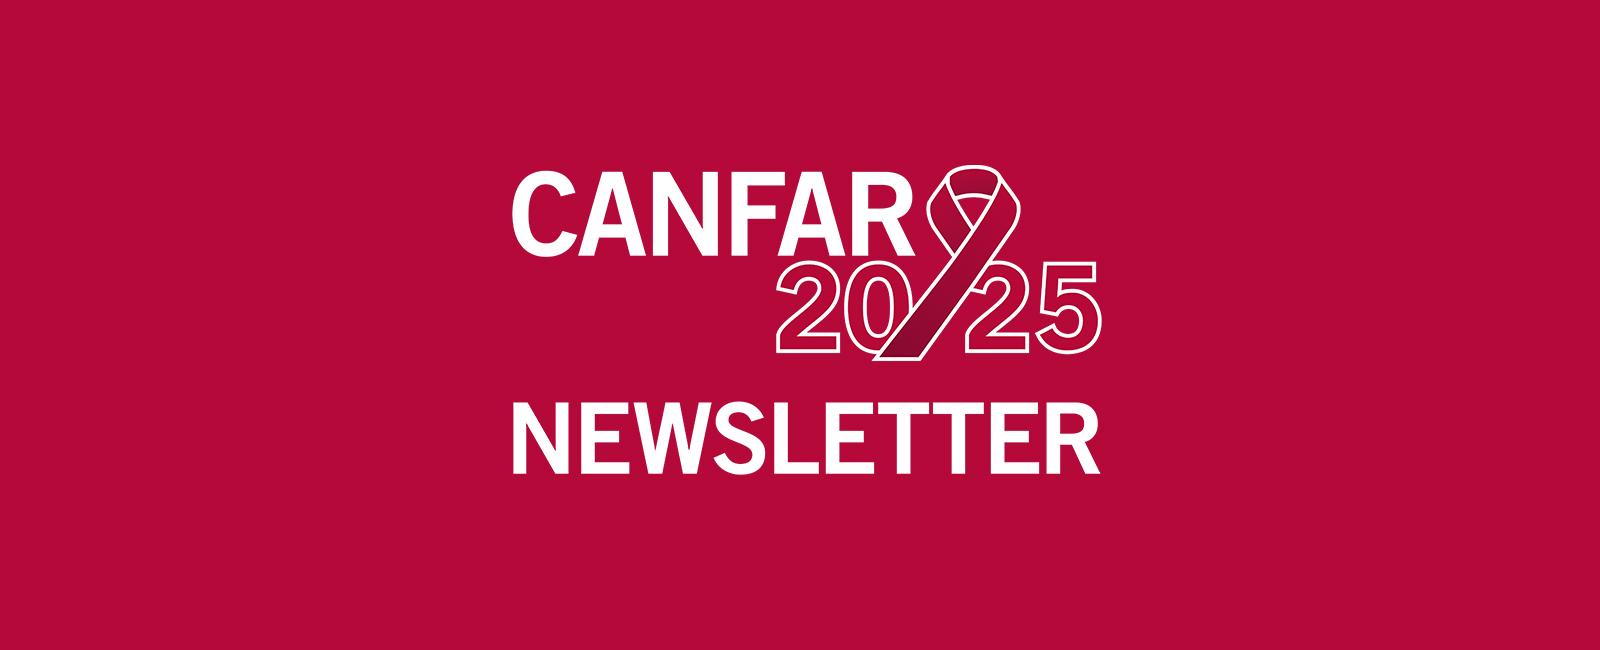 canfar 2025 newsletter centre